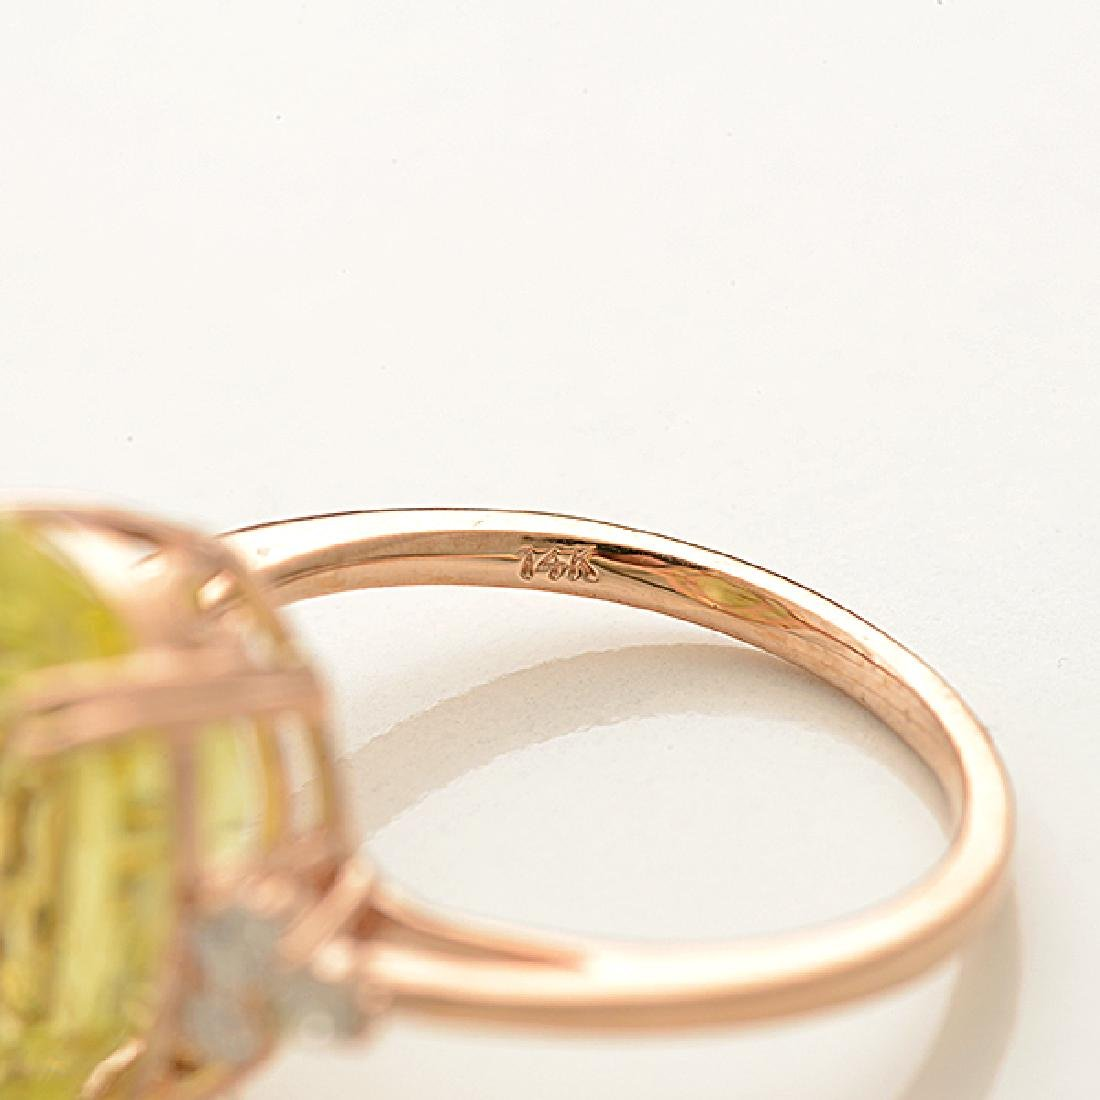 Lemon Quartz, Diamond, 14k Rose Gold Ring. - 4